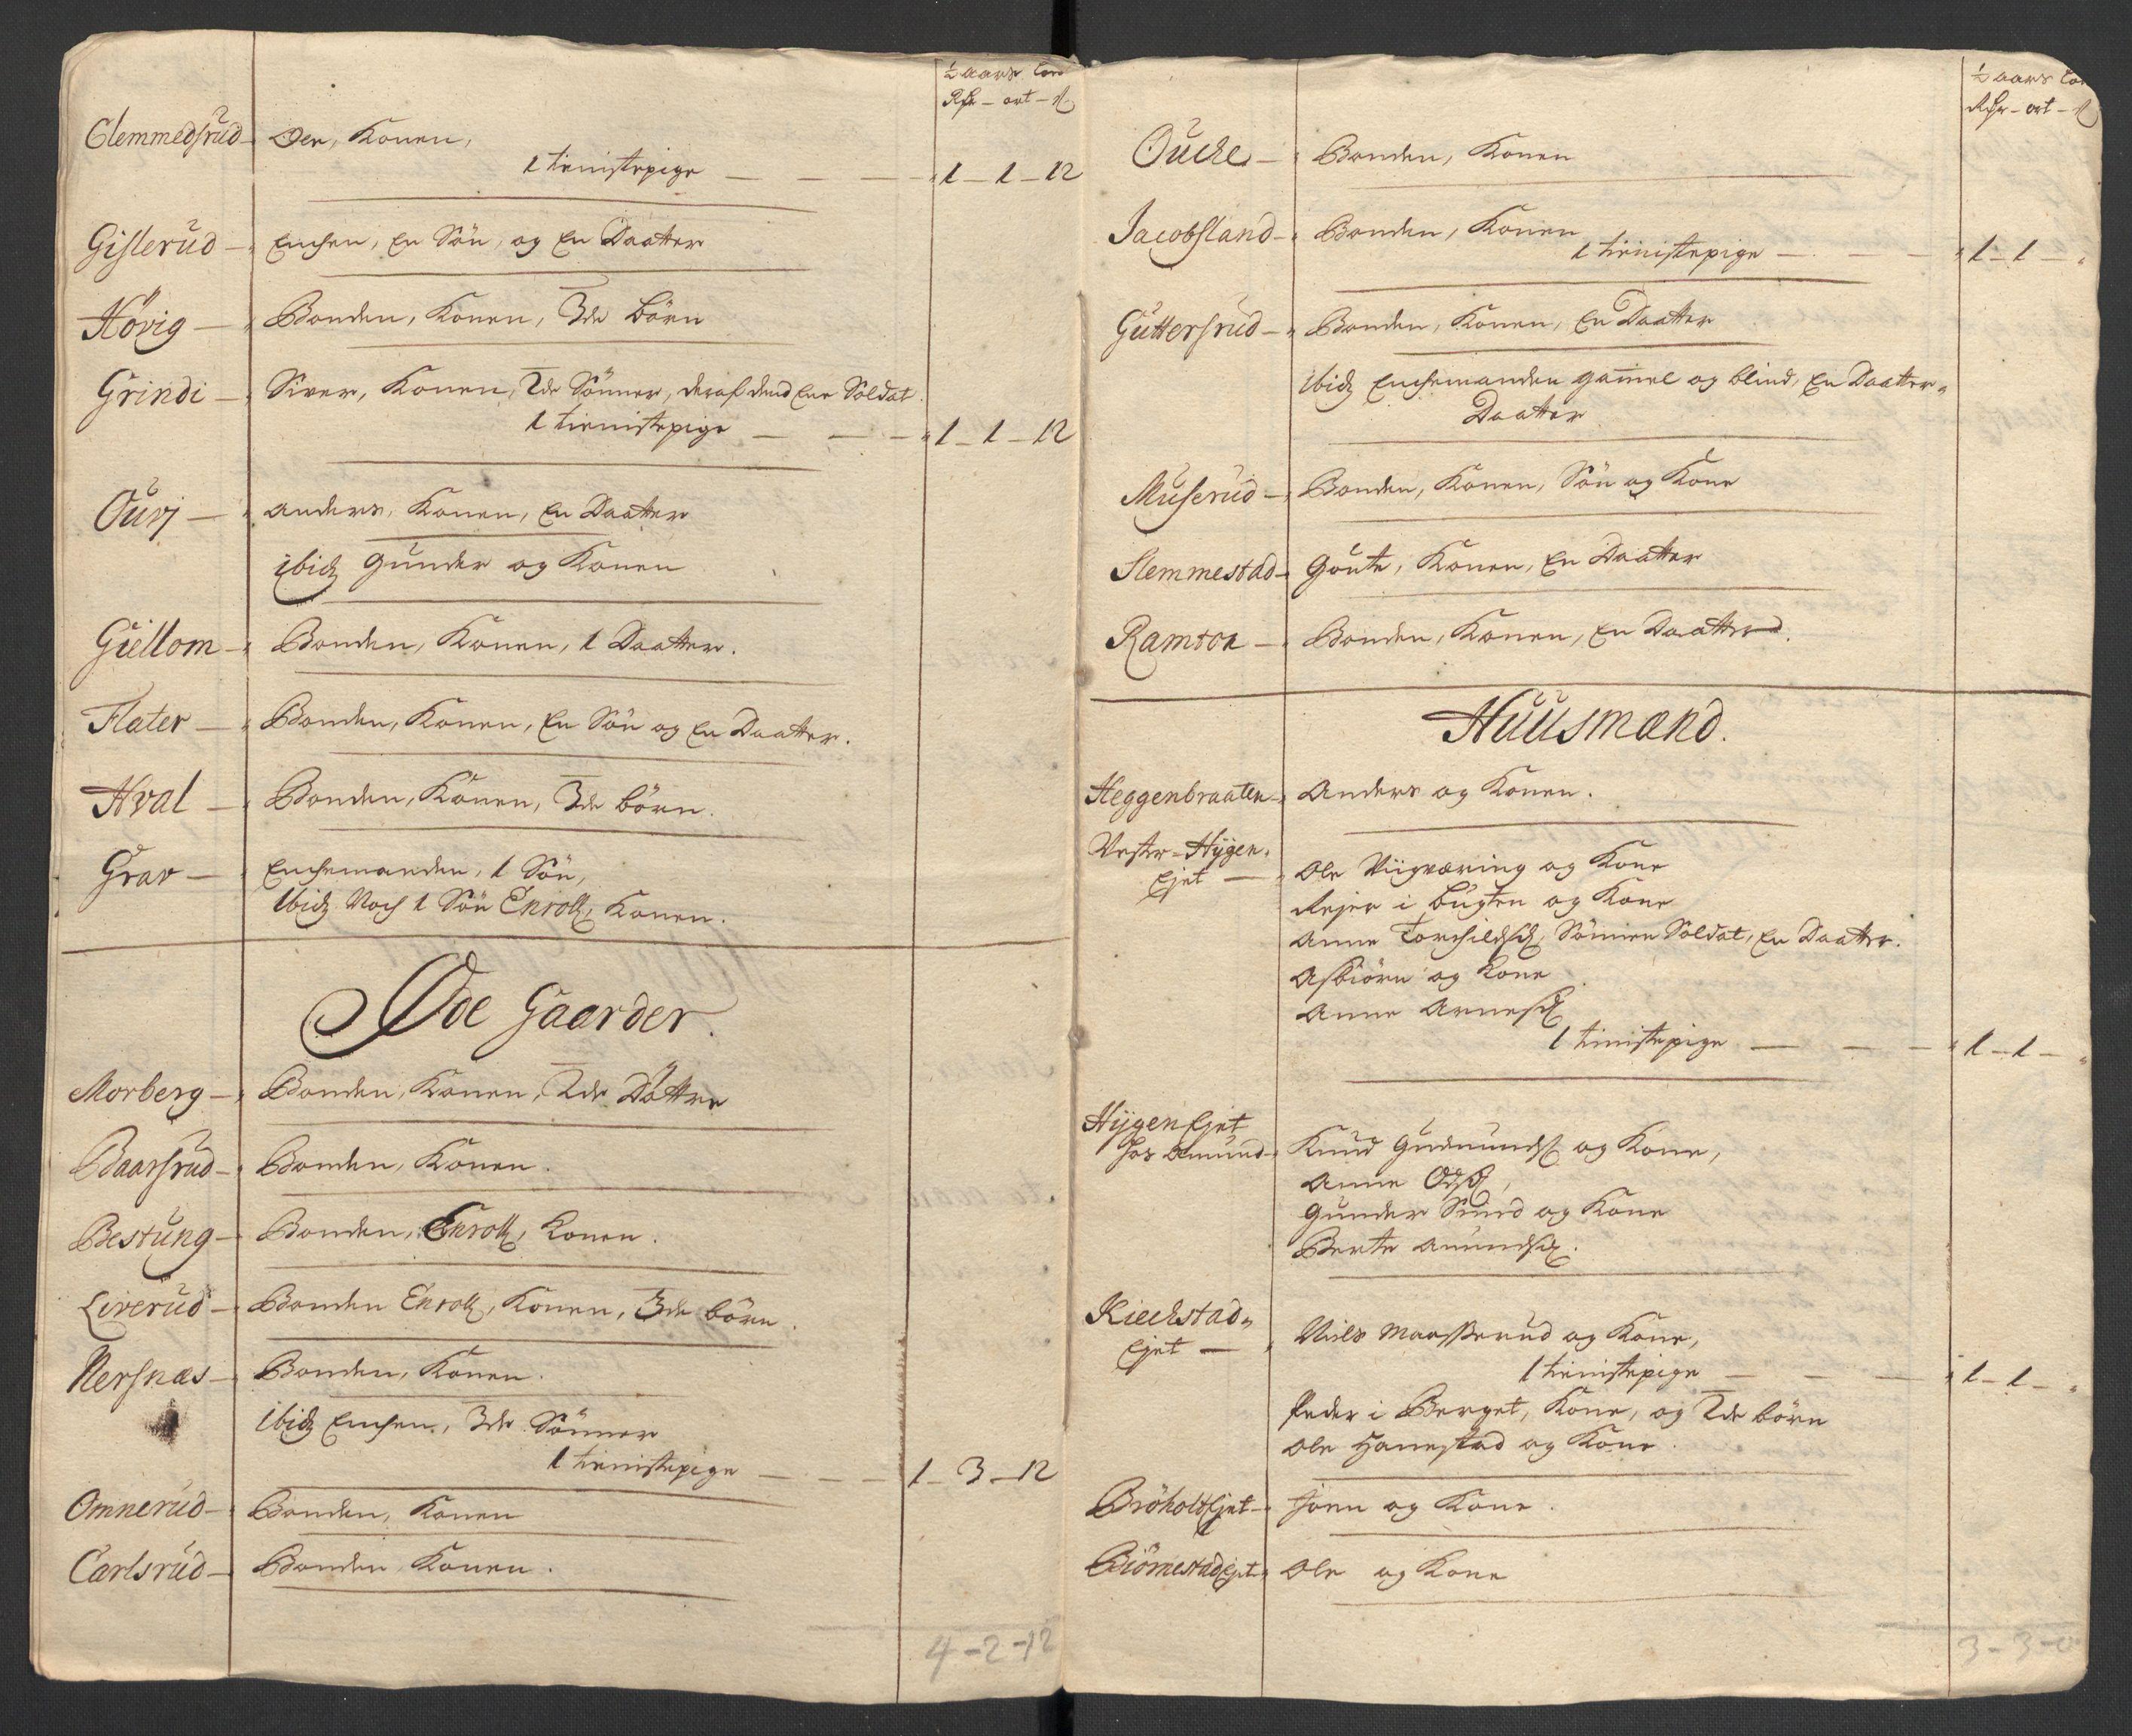 RA, Rentekammeret inntil 1814, Reviderte regnskaper, Fogderegnskap, R31/L1706: Fogderegnskap Hurum, Røyken, Eiker, Lier og Buskerud, 1711, s. 151